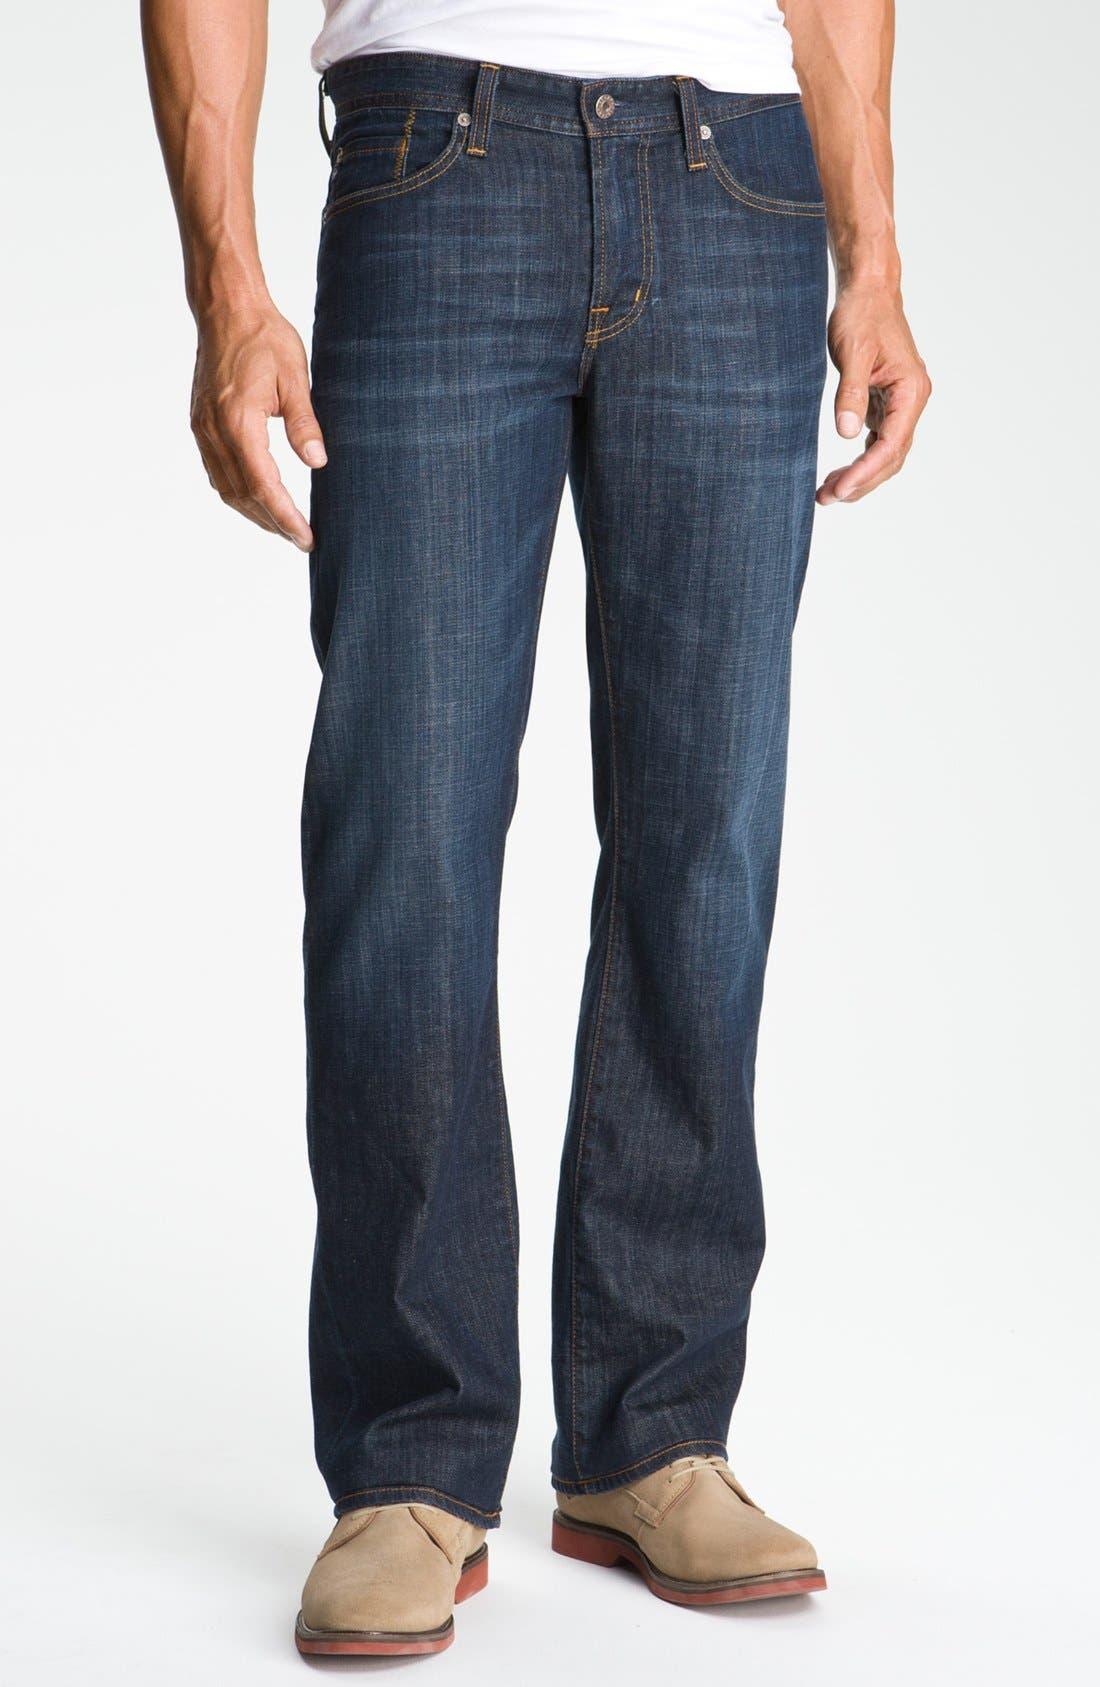 Protégé Straight Leg Jeans,                         Main,                         color, HUNTS WASH